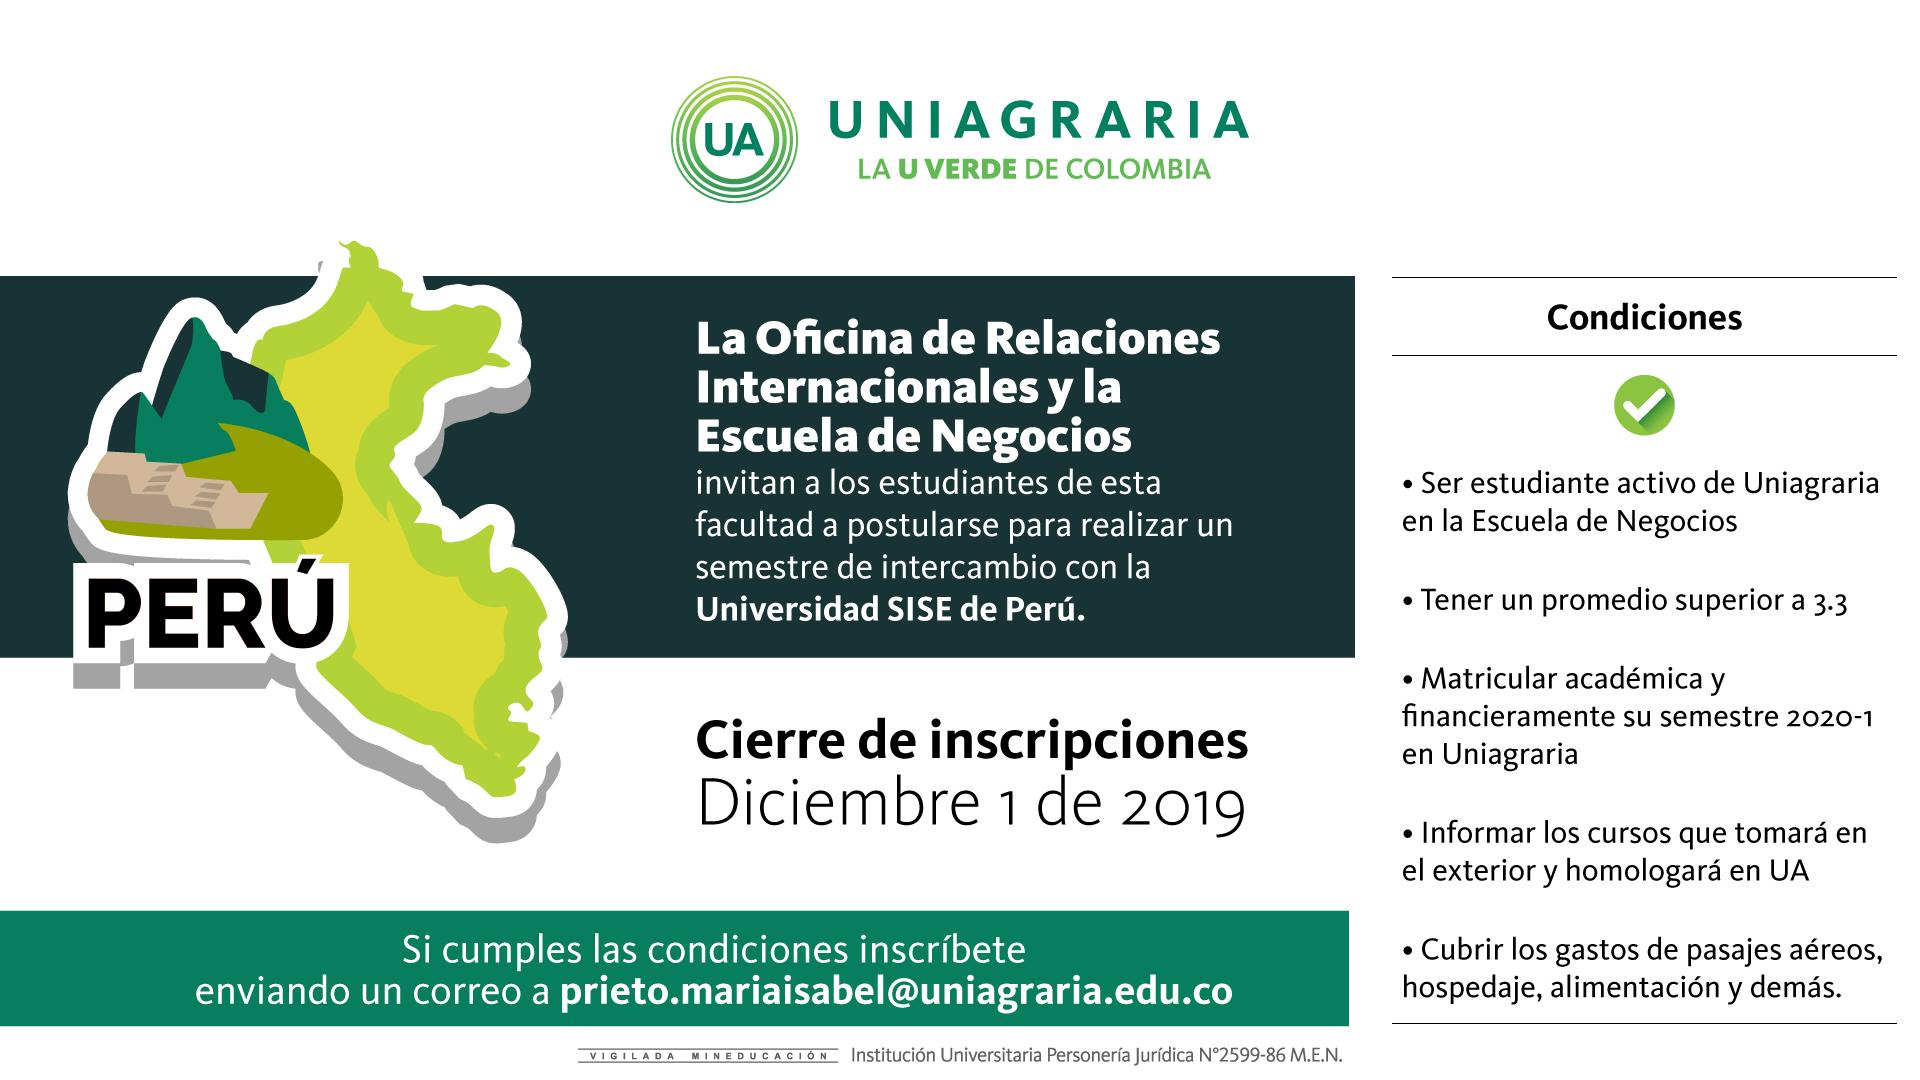 Semestre de intercambio con la Universidad SISE de Perú